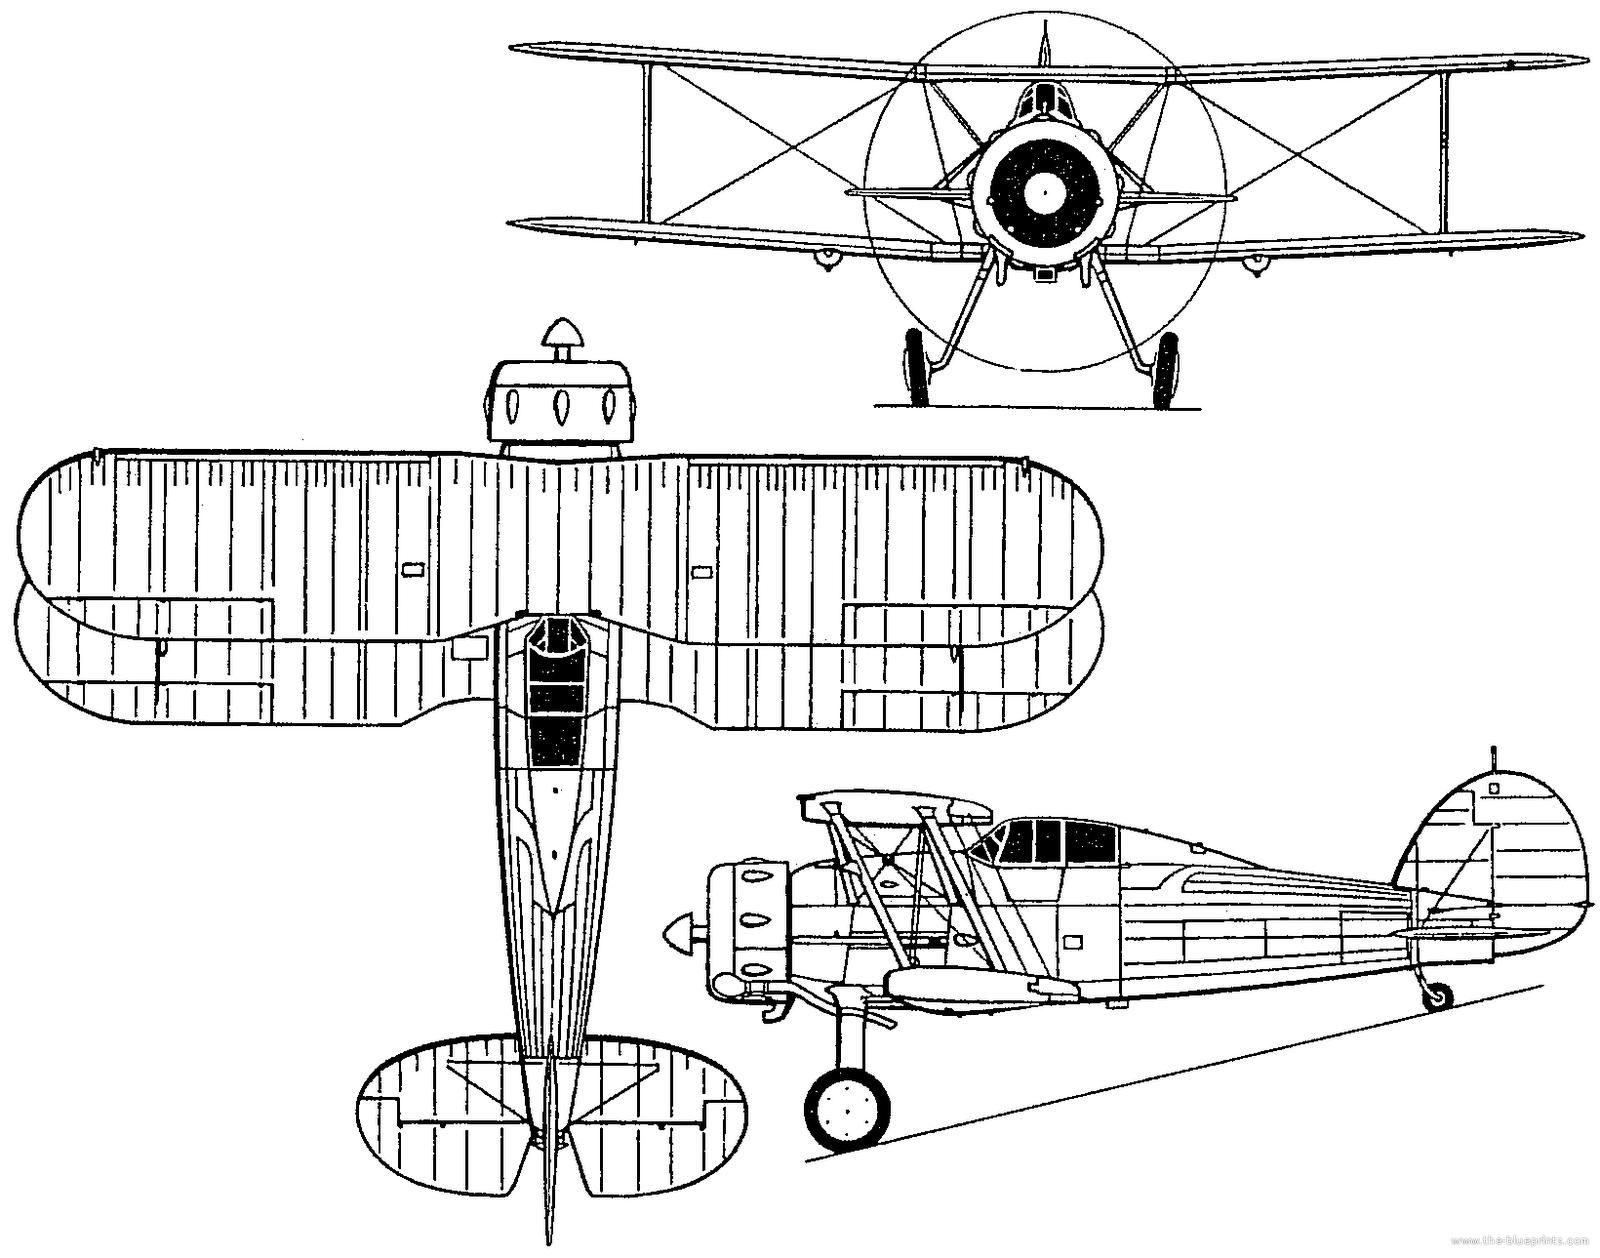 http://3.bp.blogspot.com/_srif0xNFl9E/TSEiWH8alFI/AAAAAAAAAAg/IqRlpy1oct8/s1600/gloster-gladiator.png